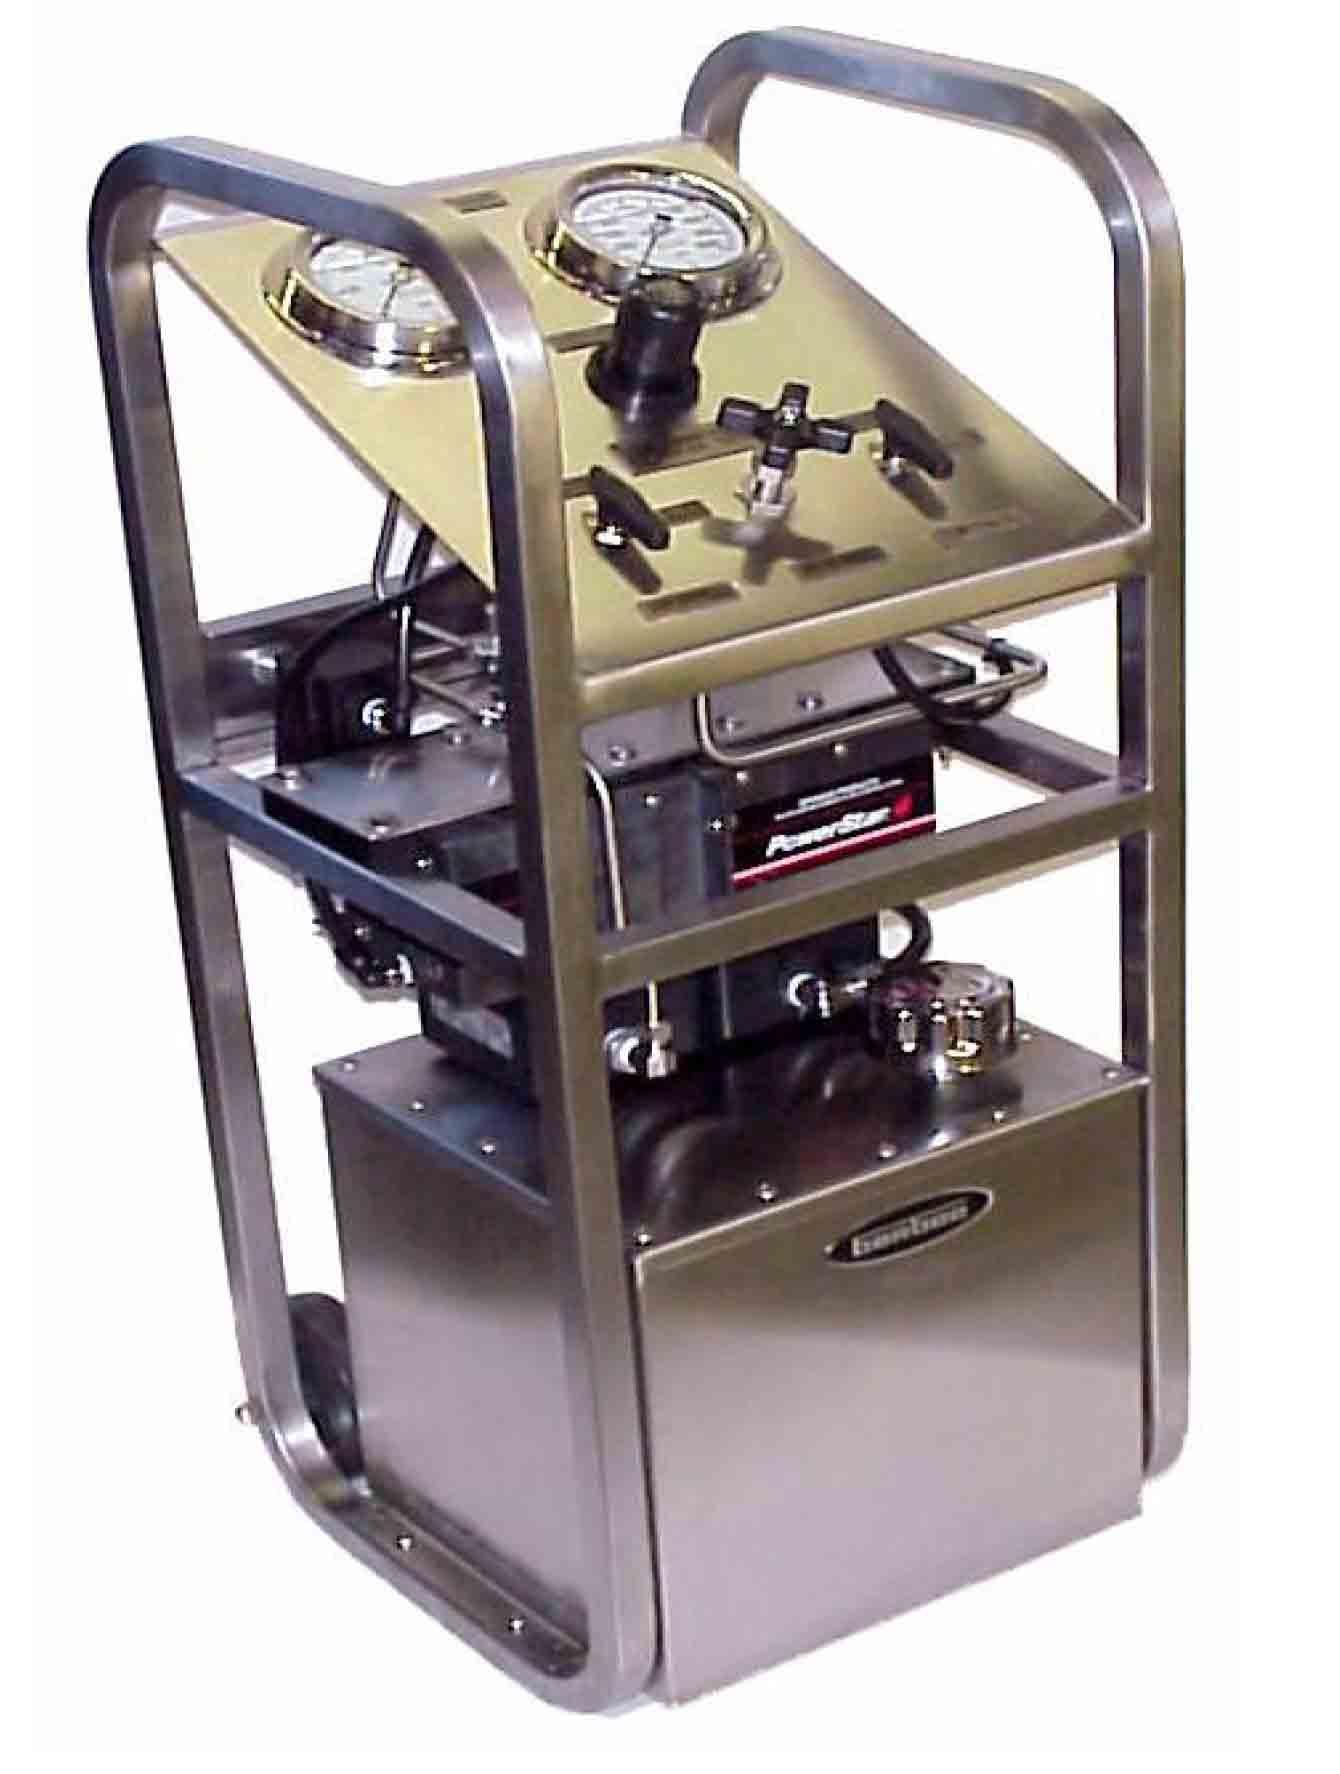 名称:柜式双泵压力测试设备